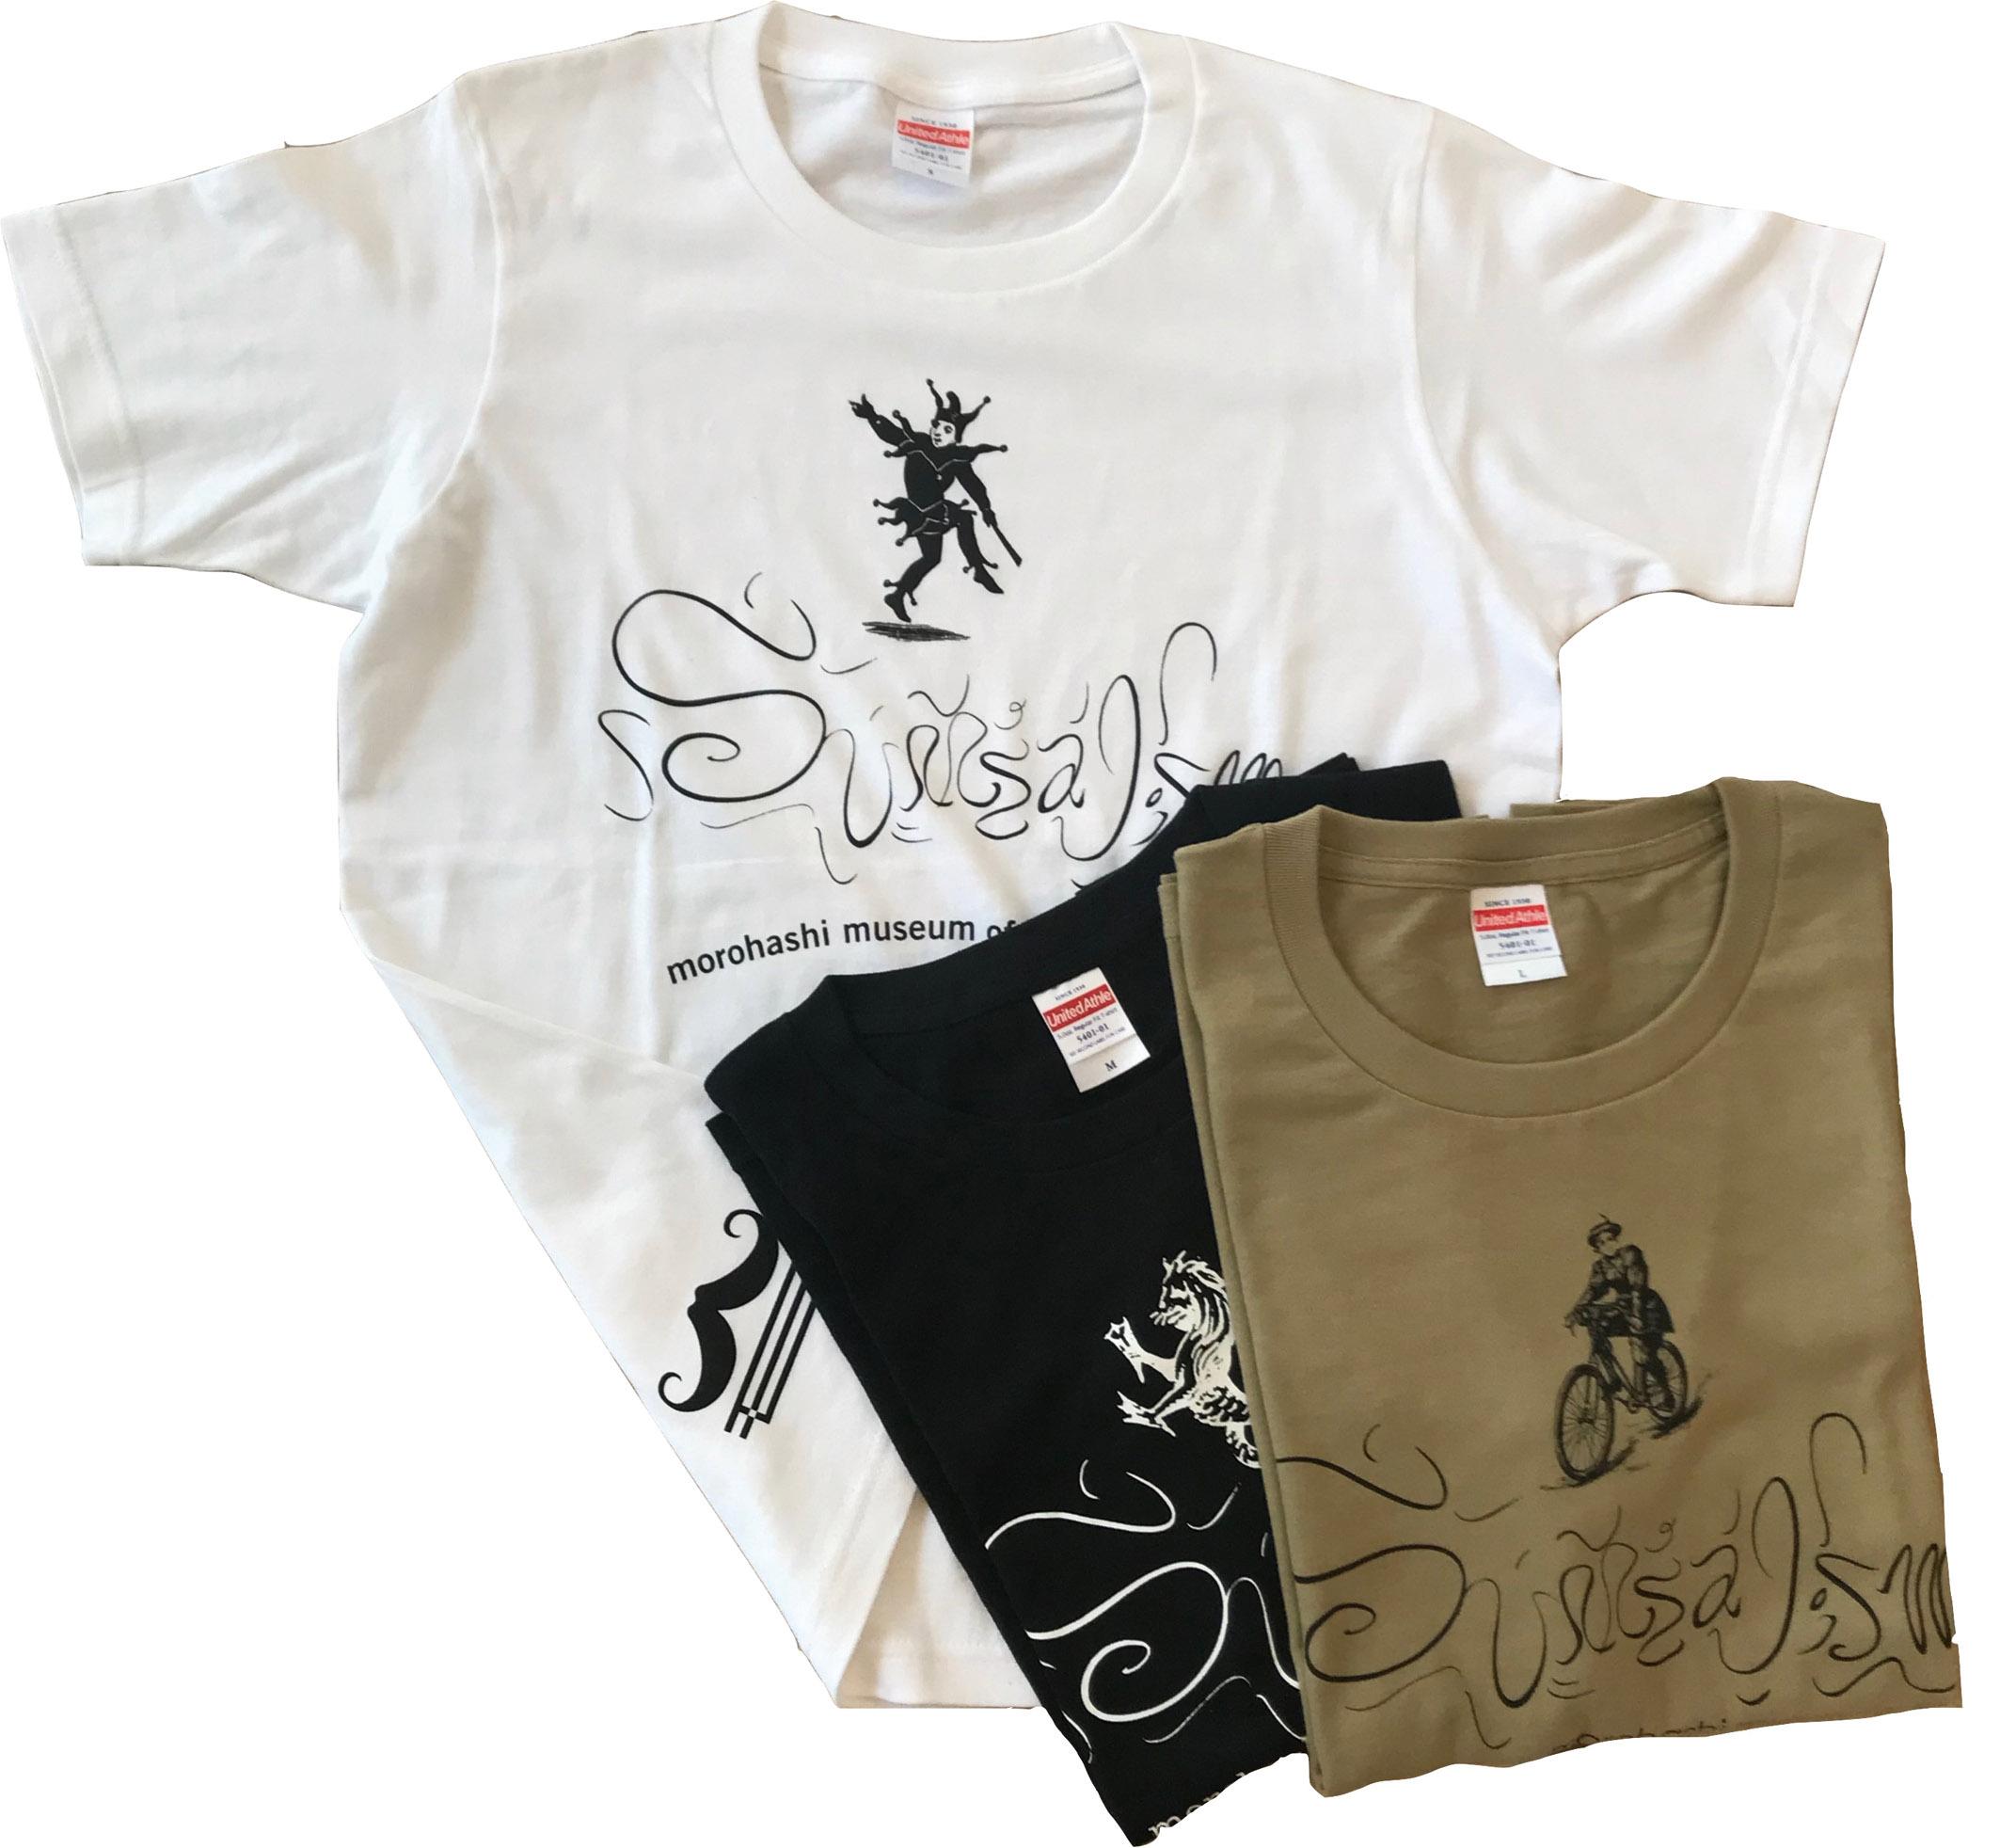 アーティスト角田純デザインオリジナル「シュルレアリスム」Tシャツ 5名様